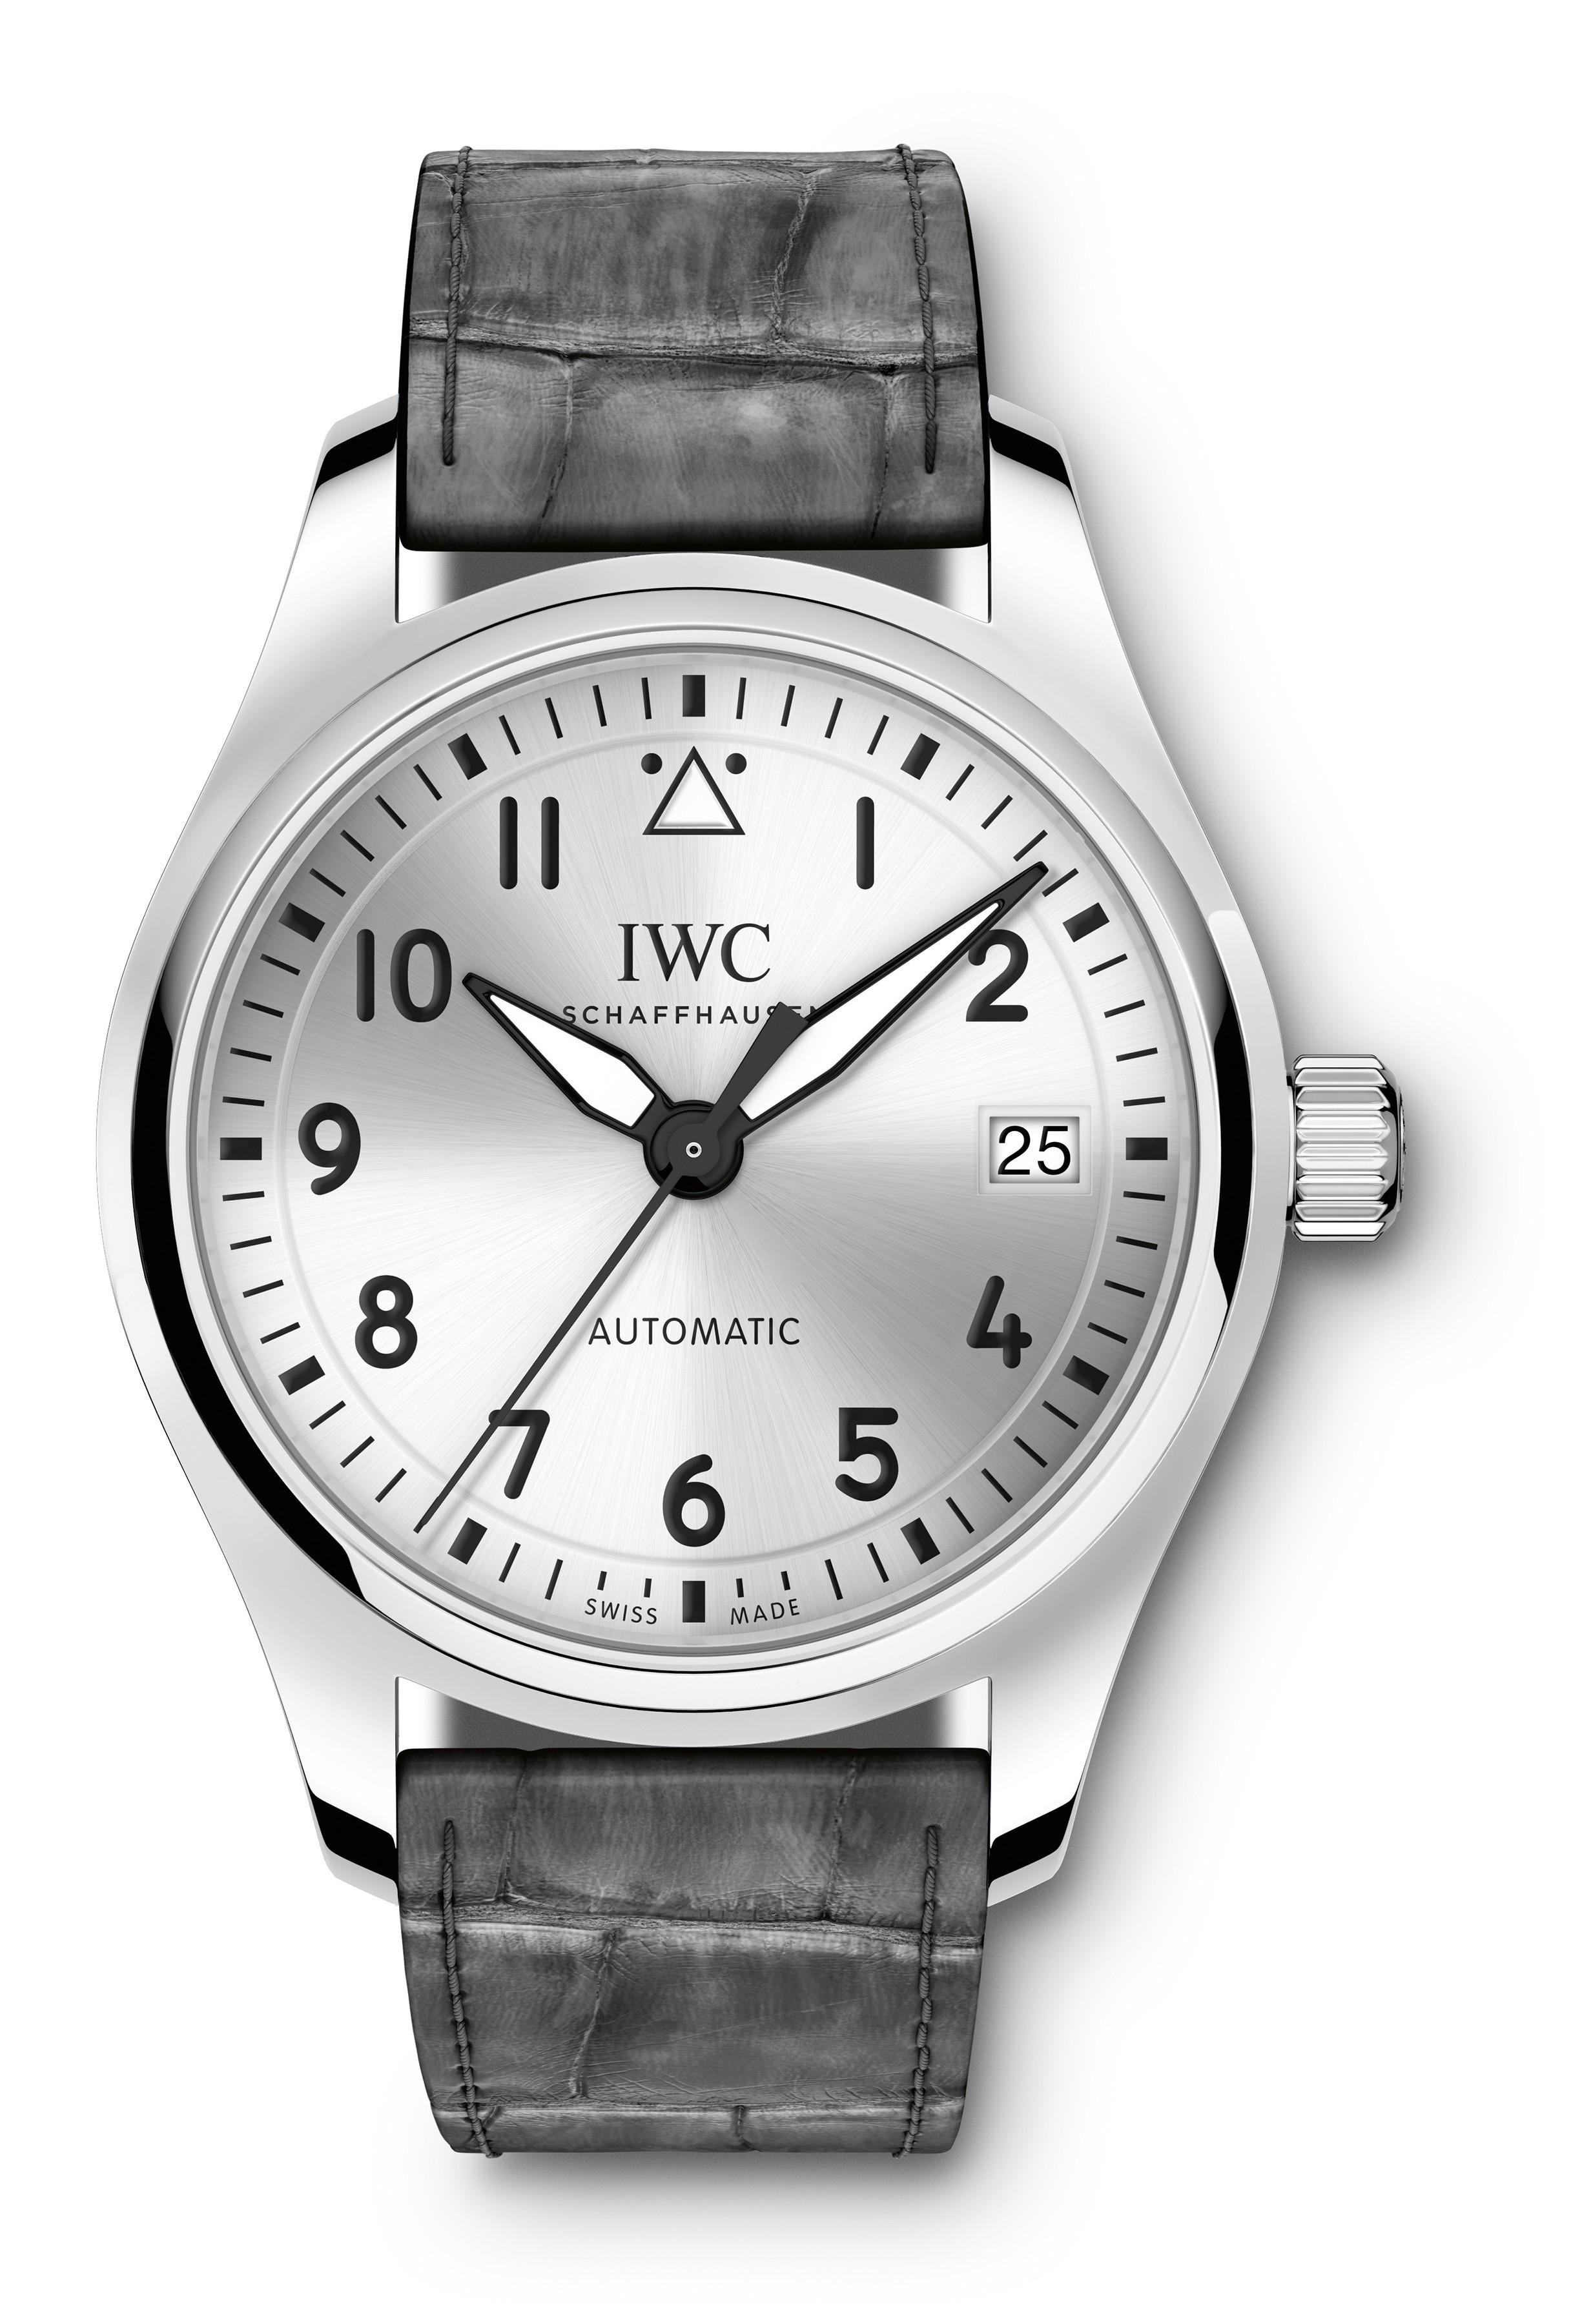 Calendario Anual Reloj Mejores Y Más Novedosos Iwc Reloj De Aviador Automático 36 Iw3240 Of Calendario Anual Reloj Más Caliente Calendario En Latin